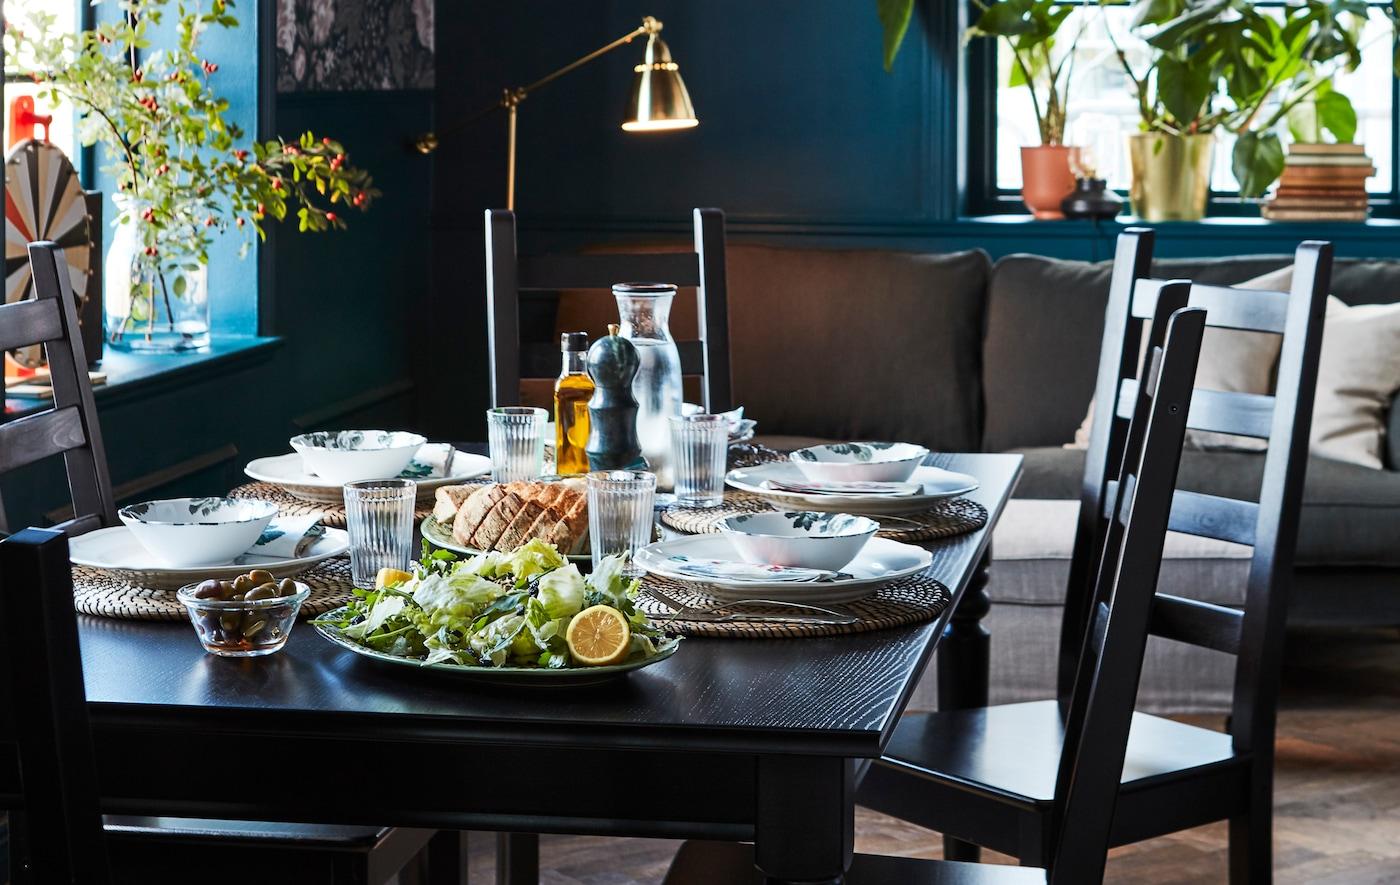 Remettre à l'honneur les soupers en famille est plus simple avec une table extensible et conviviale qui permet aussi d'accueillir les amis.